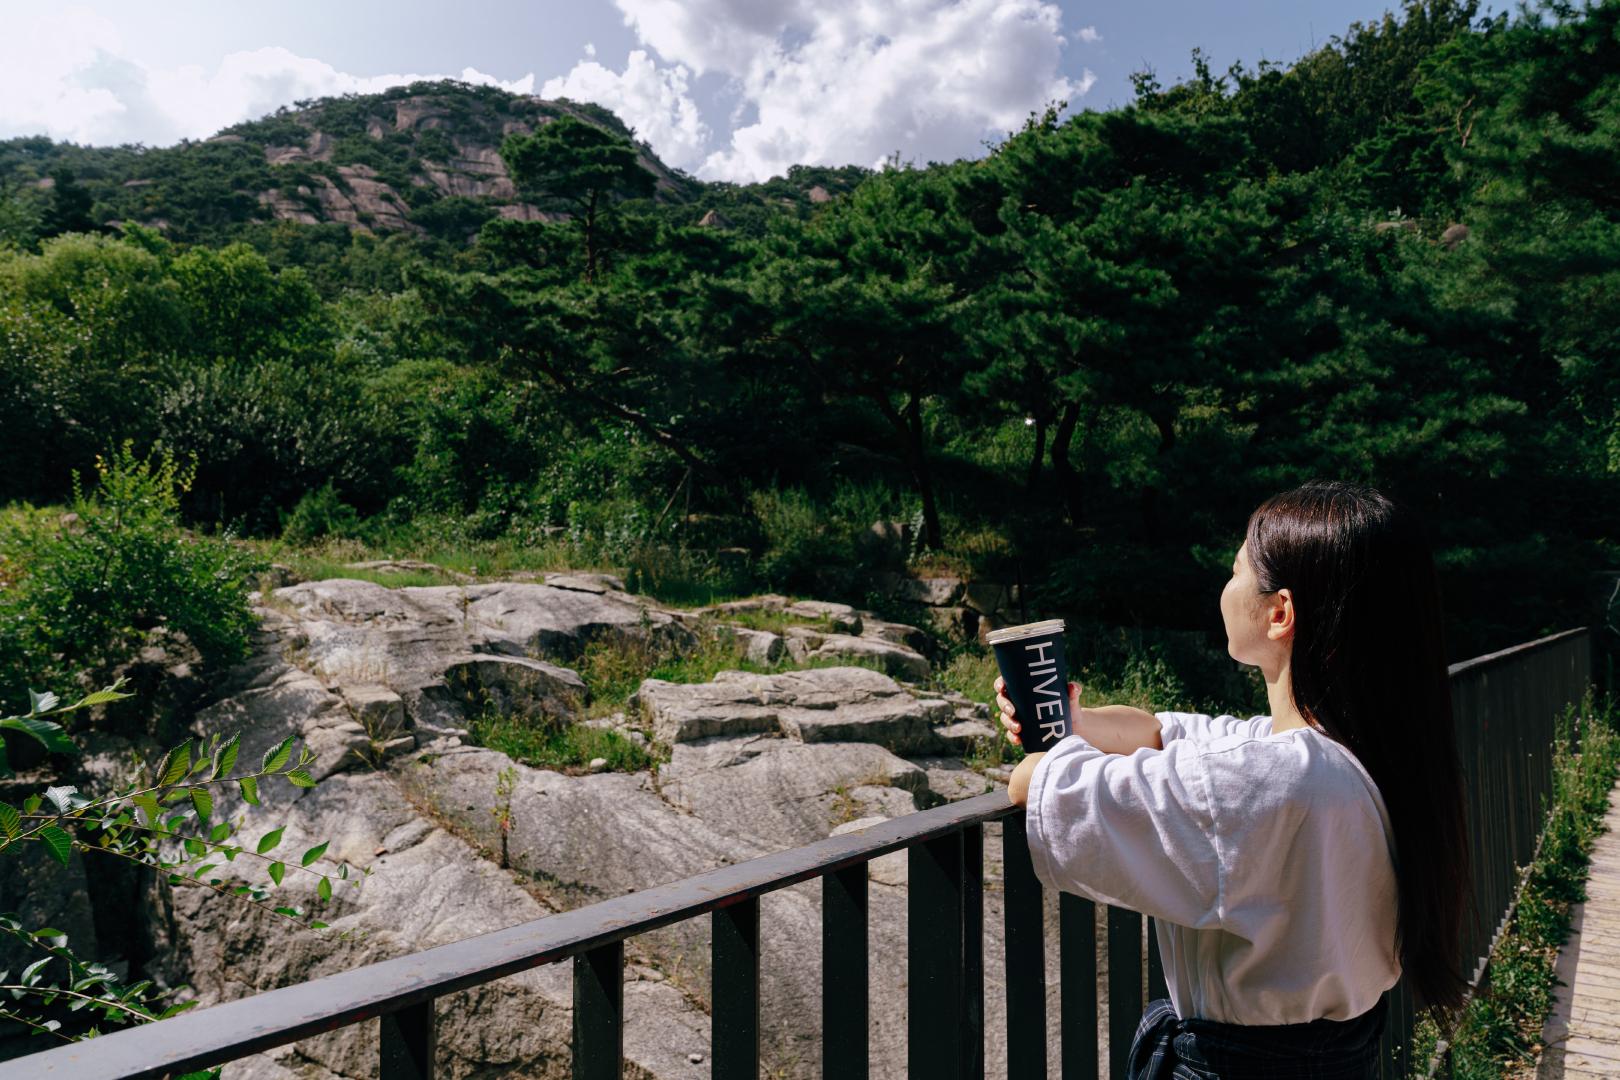 커피를 들고 있는 여자가 난간에 몸을 기대어 계곡 풍경을 구경하고 있다.